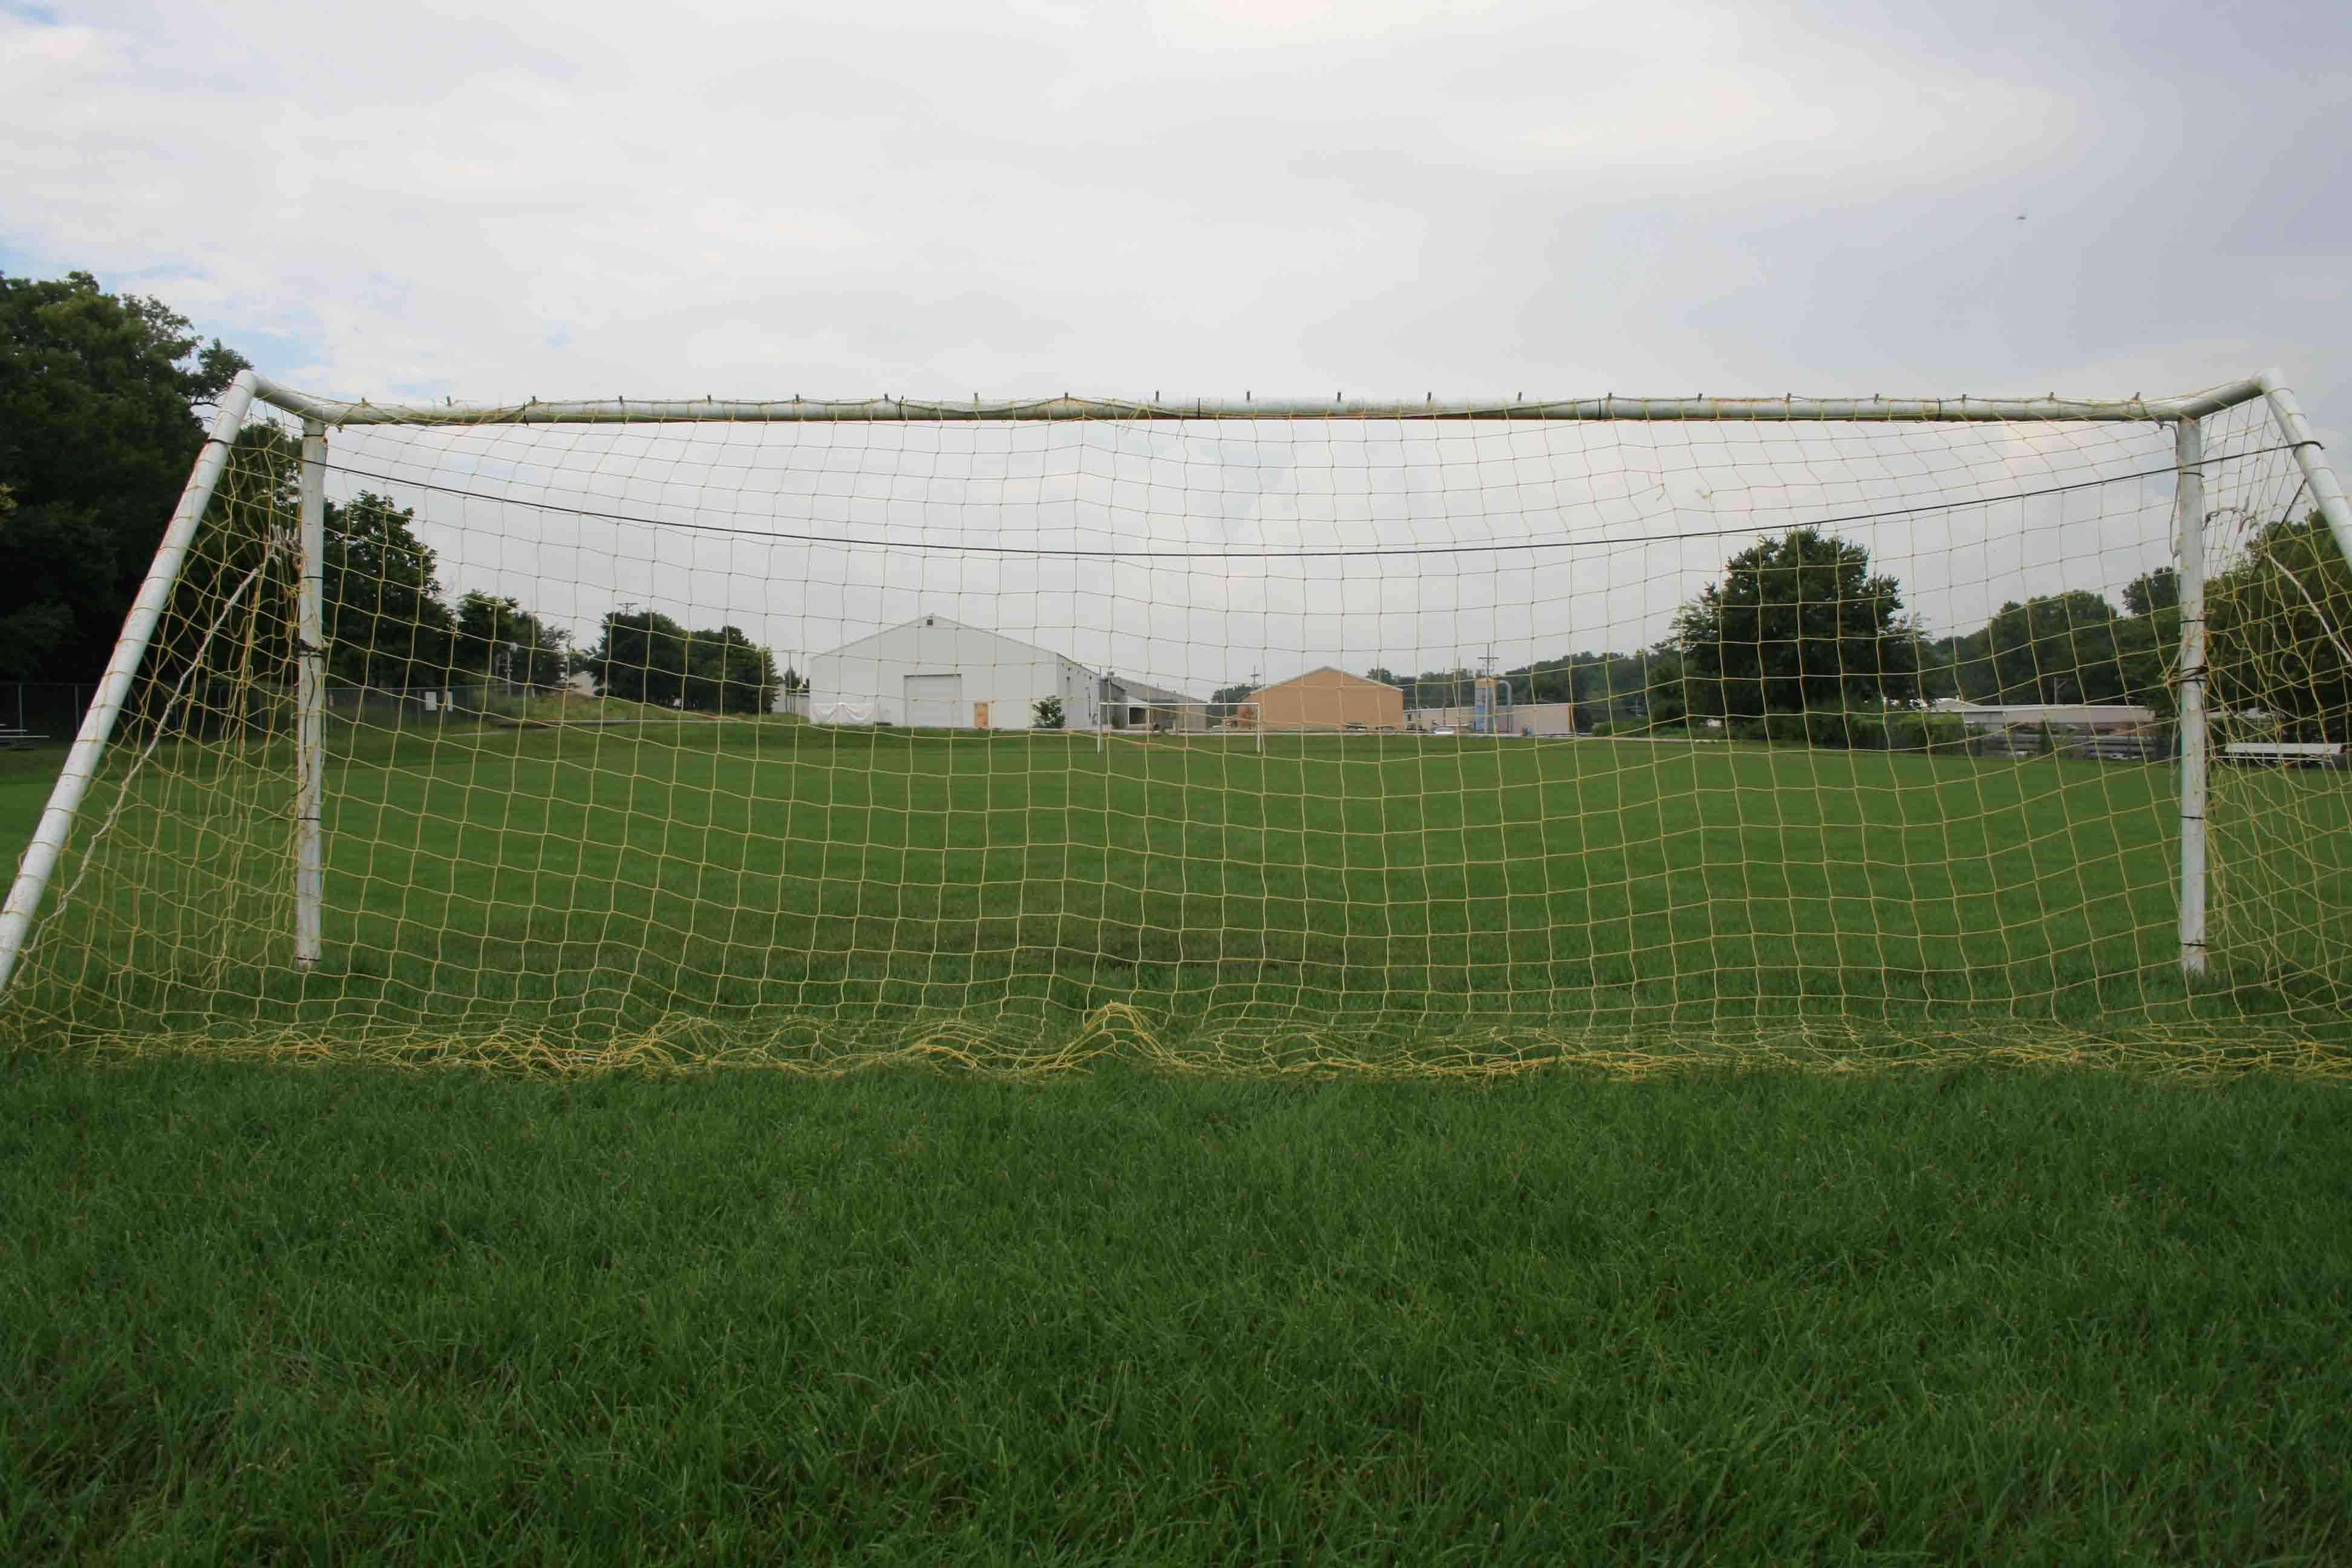 Goal net Field 3